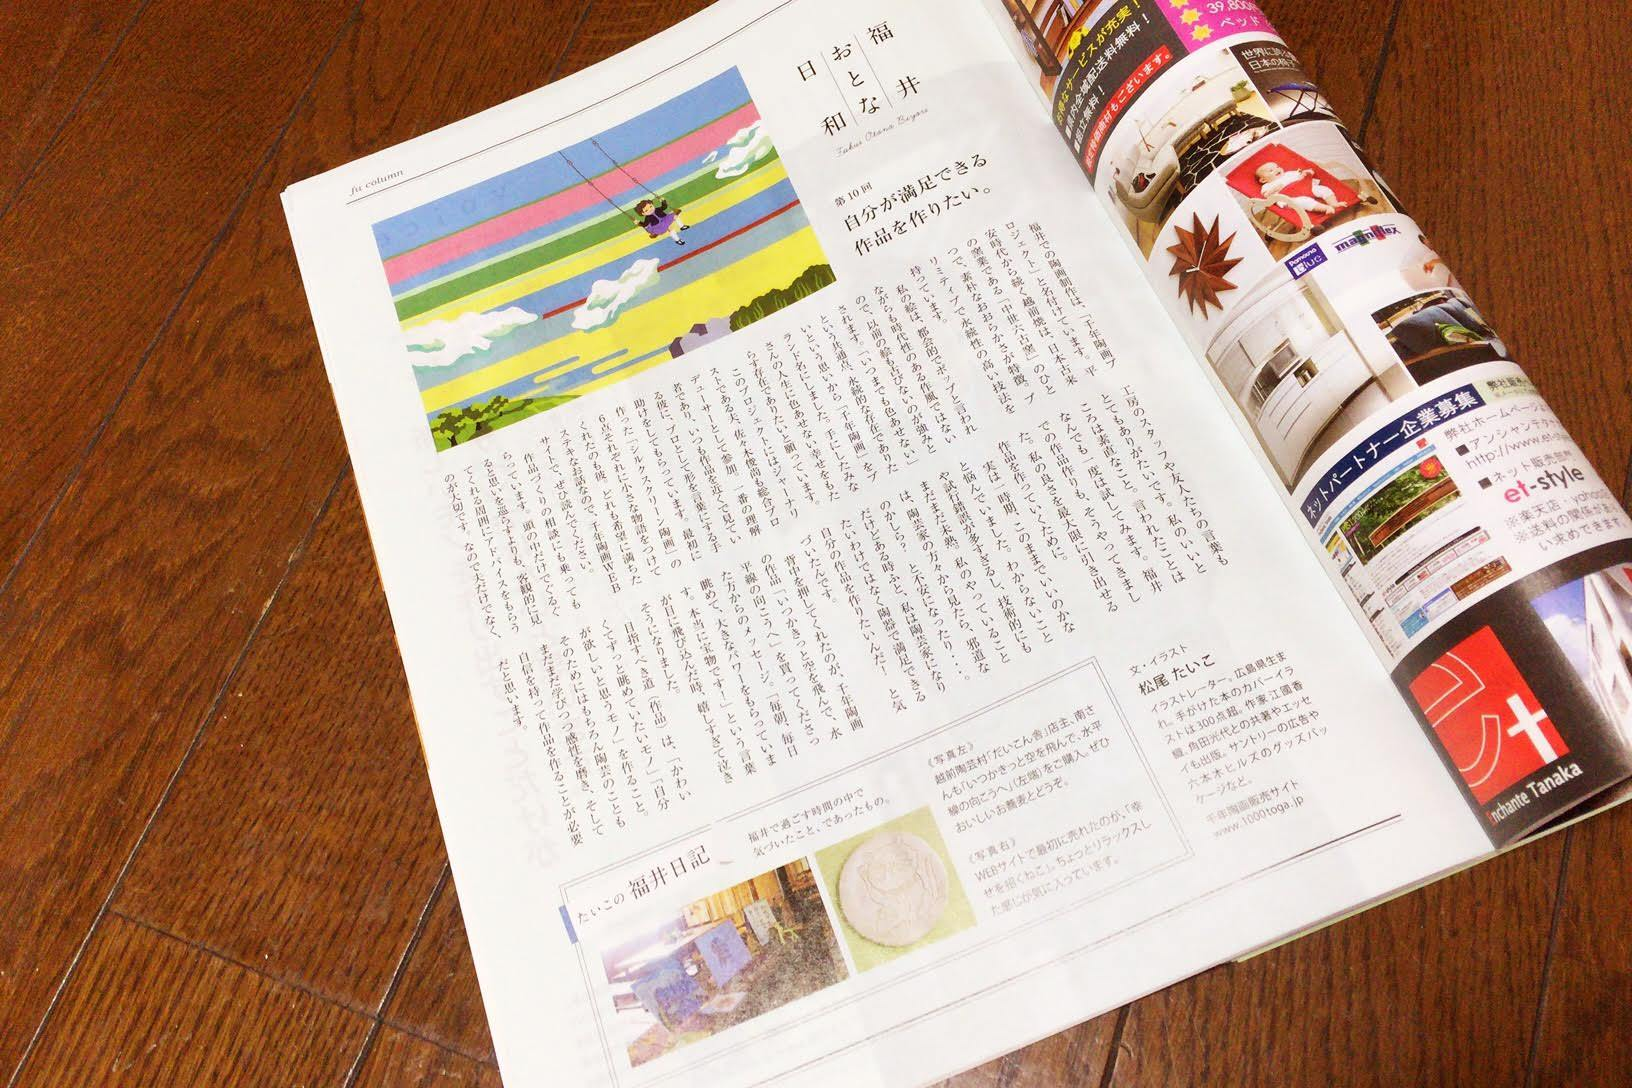 イラスト&フォトエッセイ 第10回 自分が満足できる作品を作りたい。:「月刊fu」1月号 福井おとな日和_d0339885_22192394.jpg